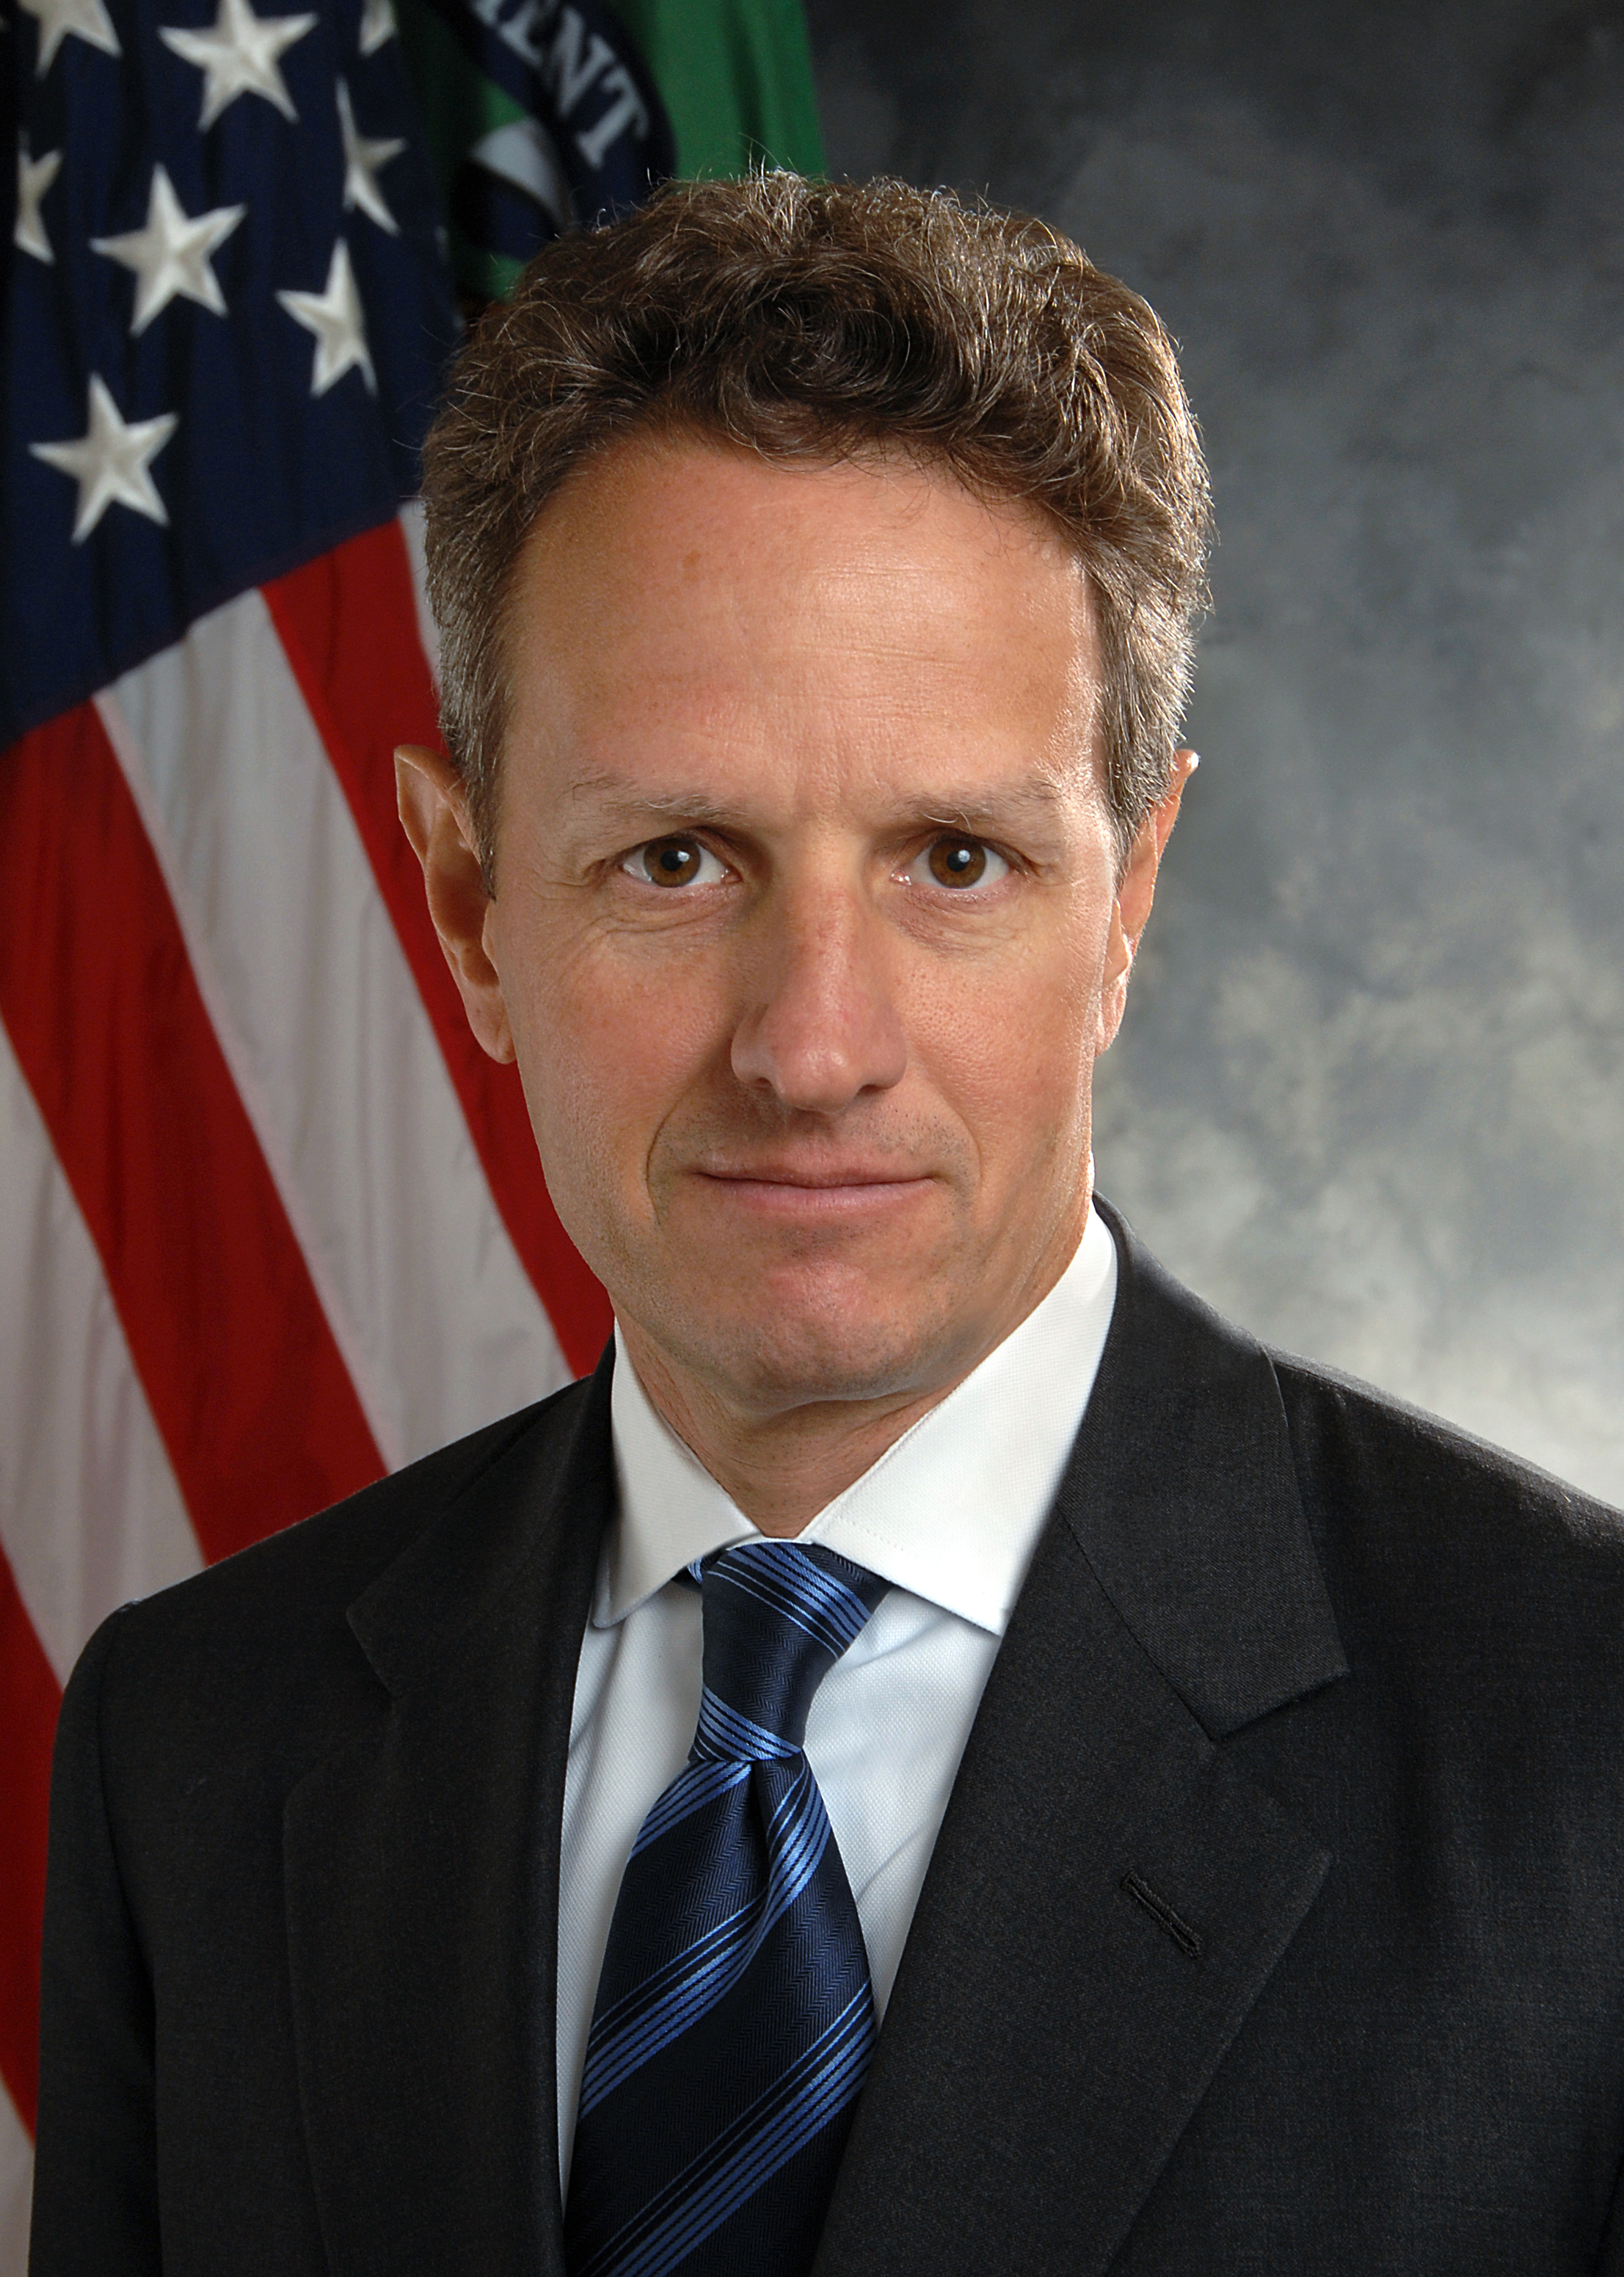 Timothy Geithner net worth